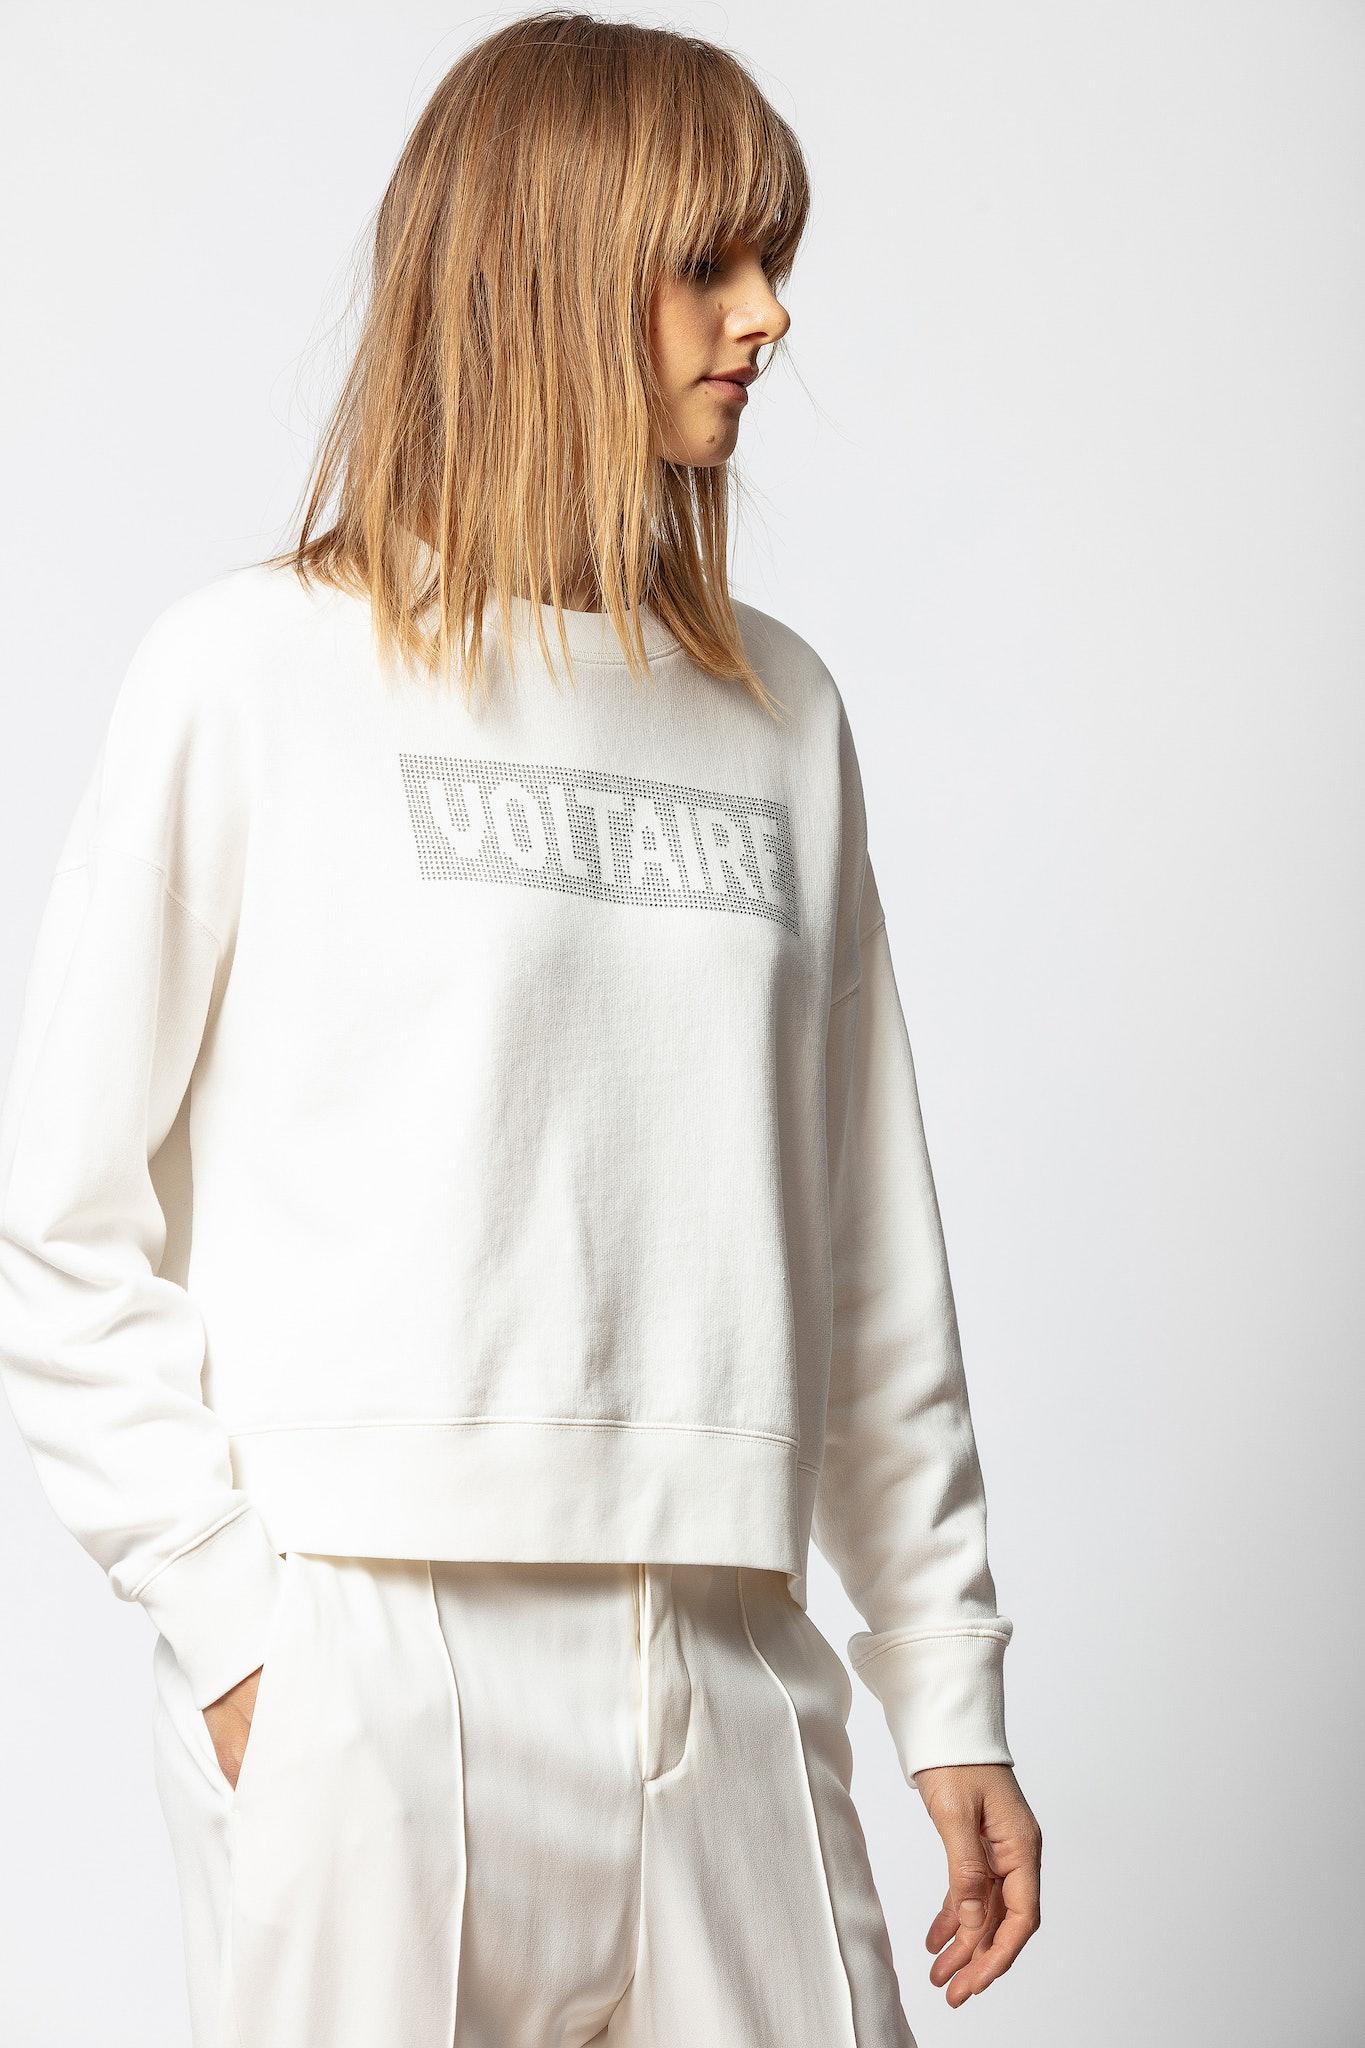 Hany Voltaire Sweatshirt